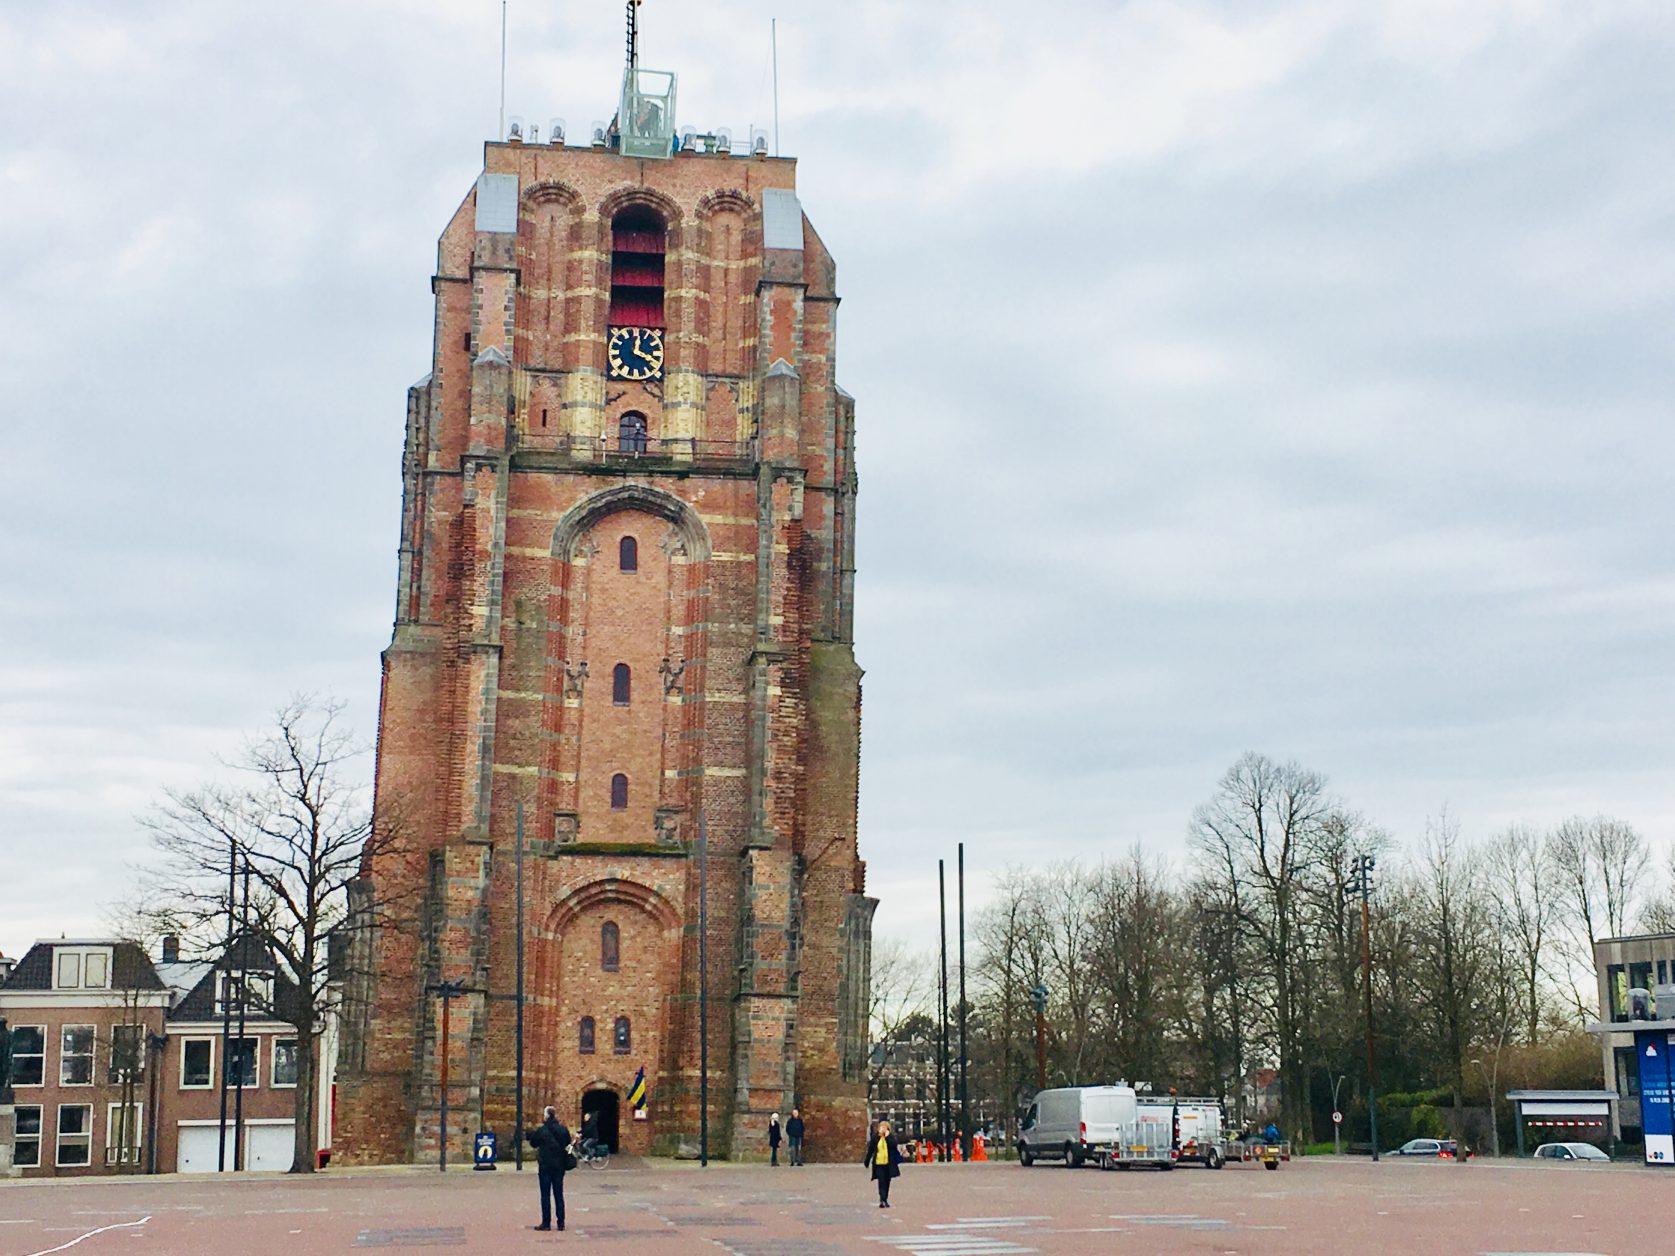 Oldehoove, der schiefe Turm von Leeuwarden, Foto: D.Weirauch